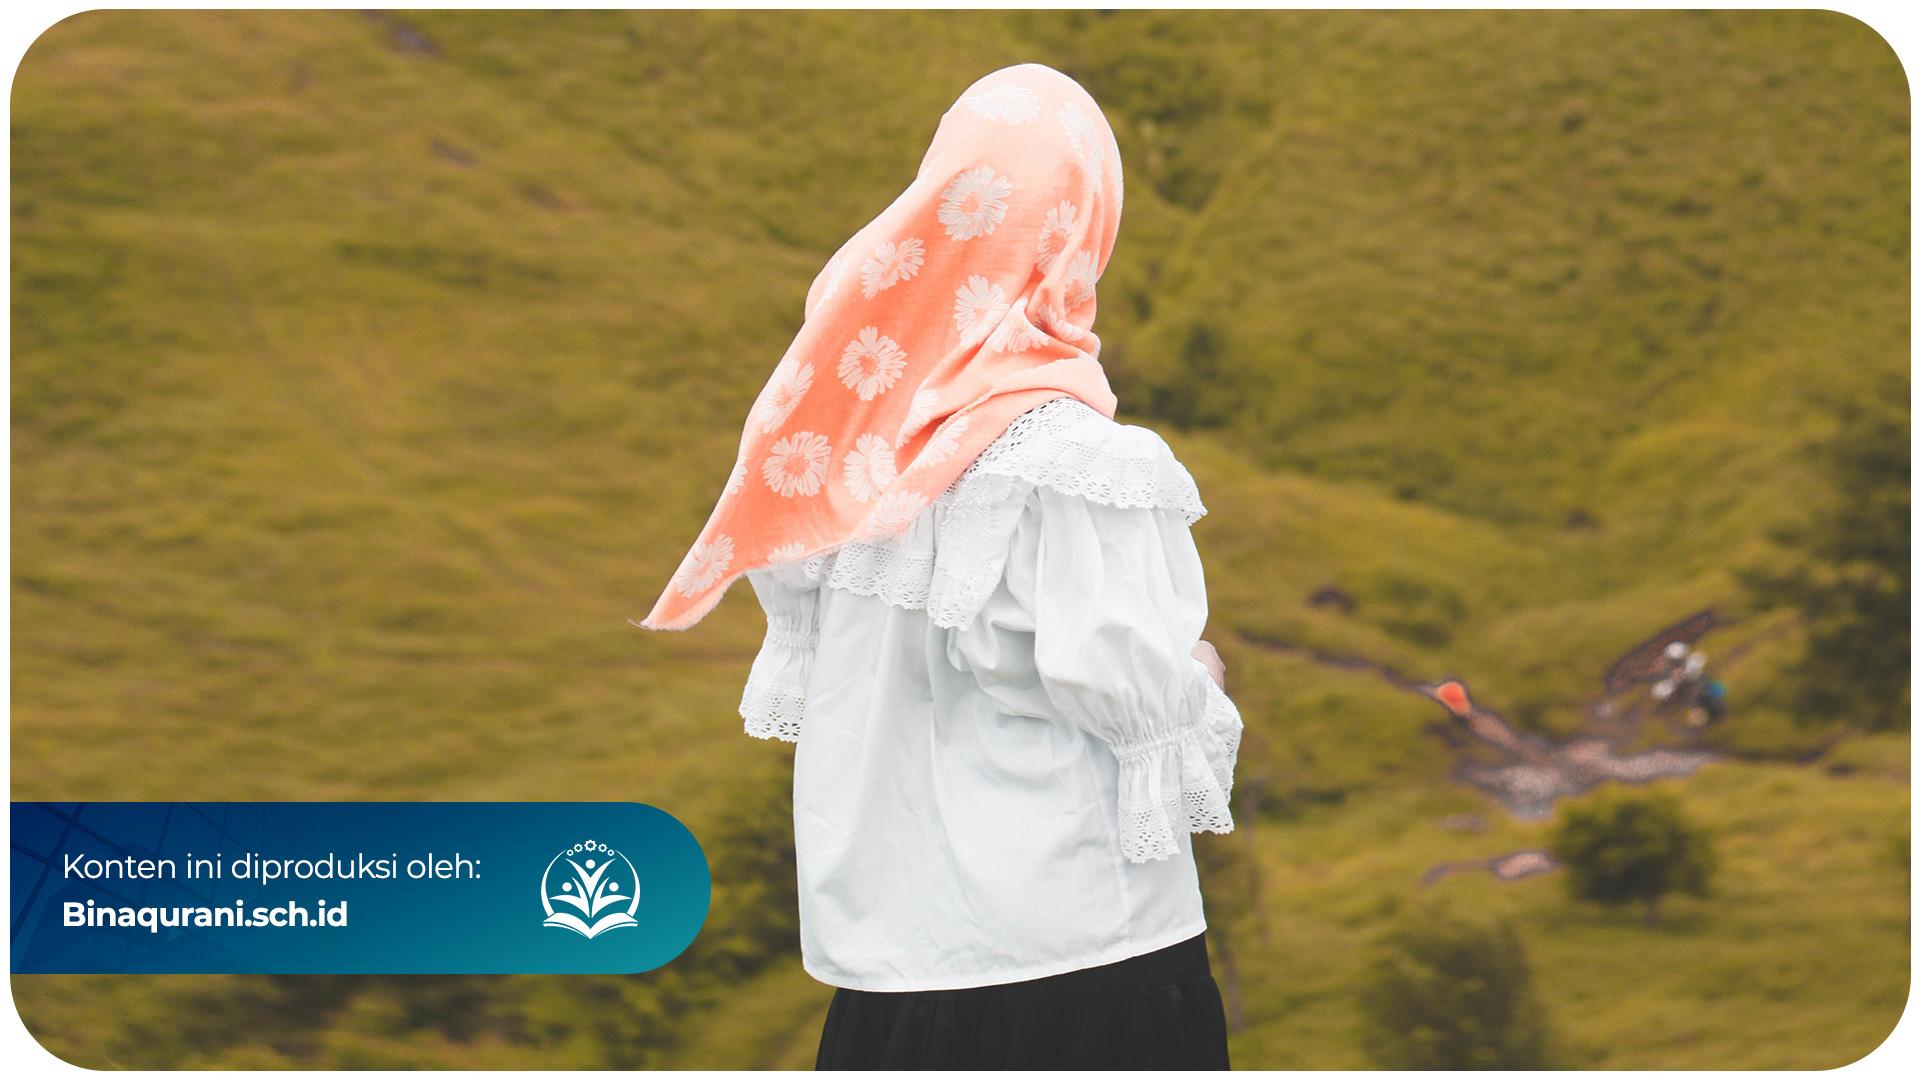 Bina-Qurani-Bagaimana-Hendaknya-Seorang-Wanita-Memakai-Pakain